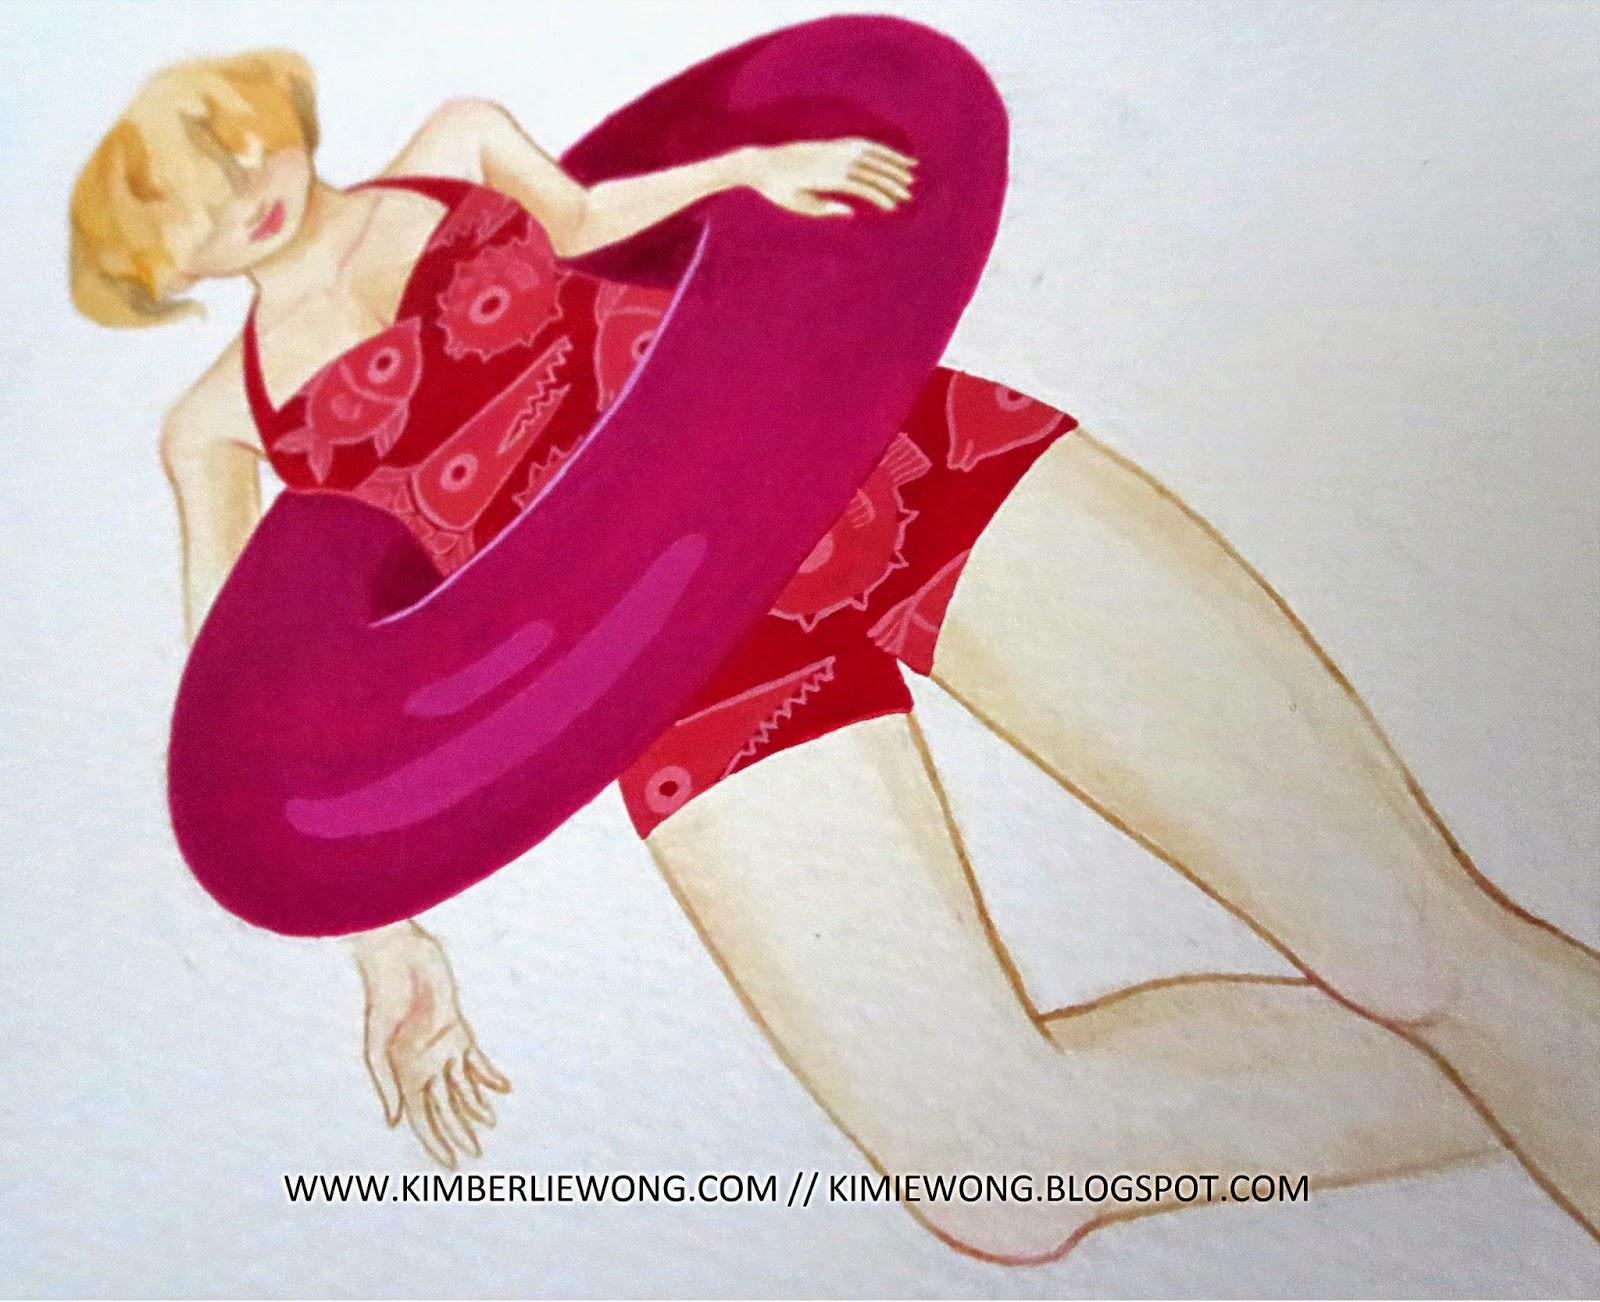 kimberliewong.com